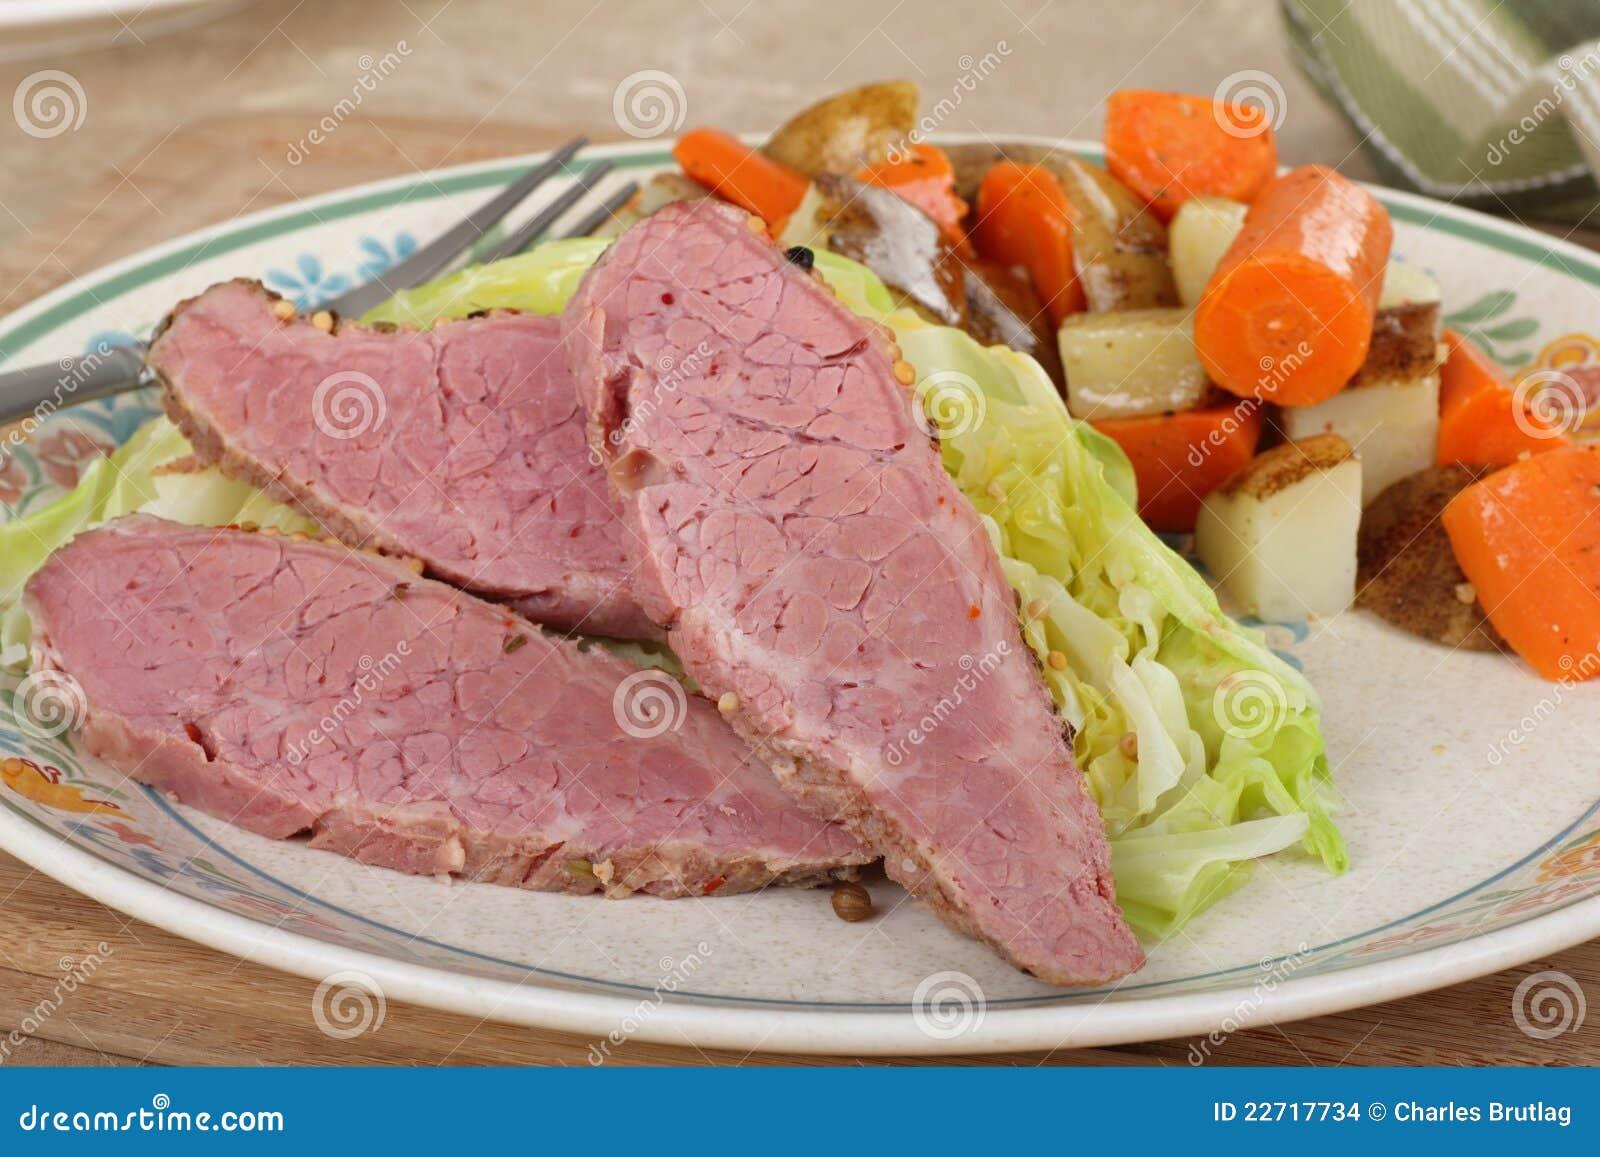 Dîner de corned beef et de chou